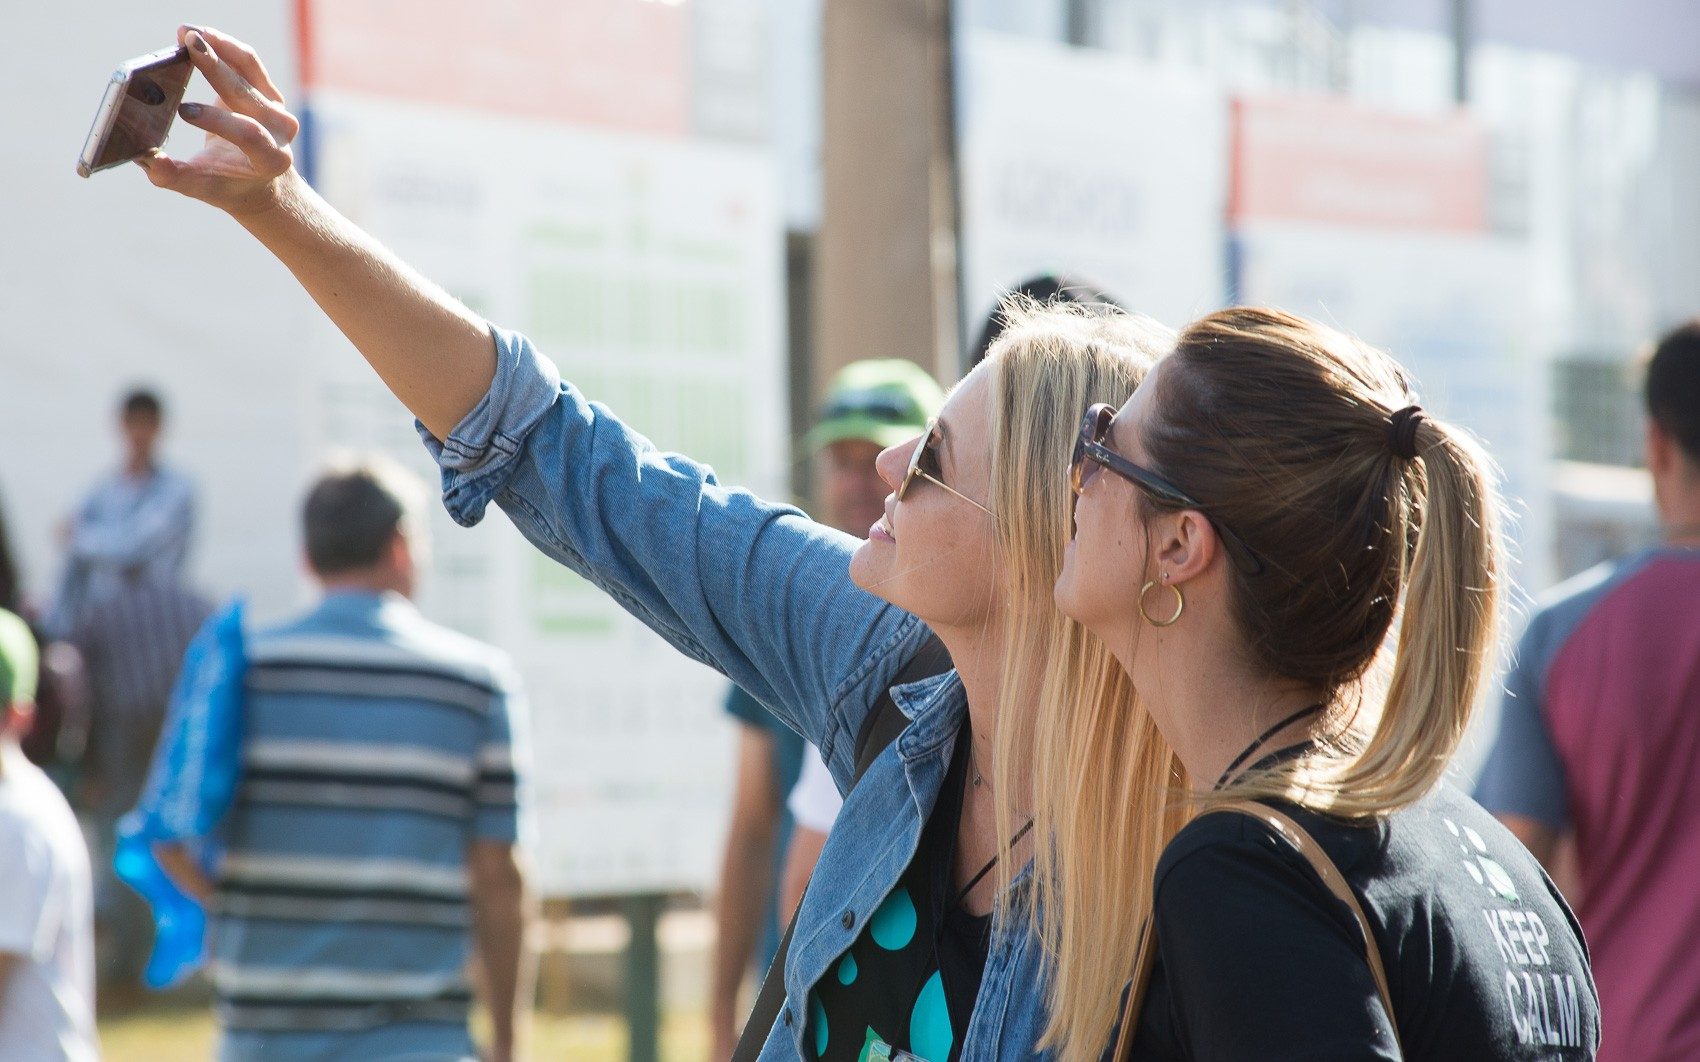 Oficina gratuita de selfies tem inscrições abertas em Limeira - Radio Evangelho Gospel